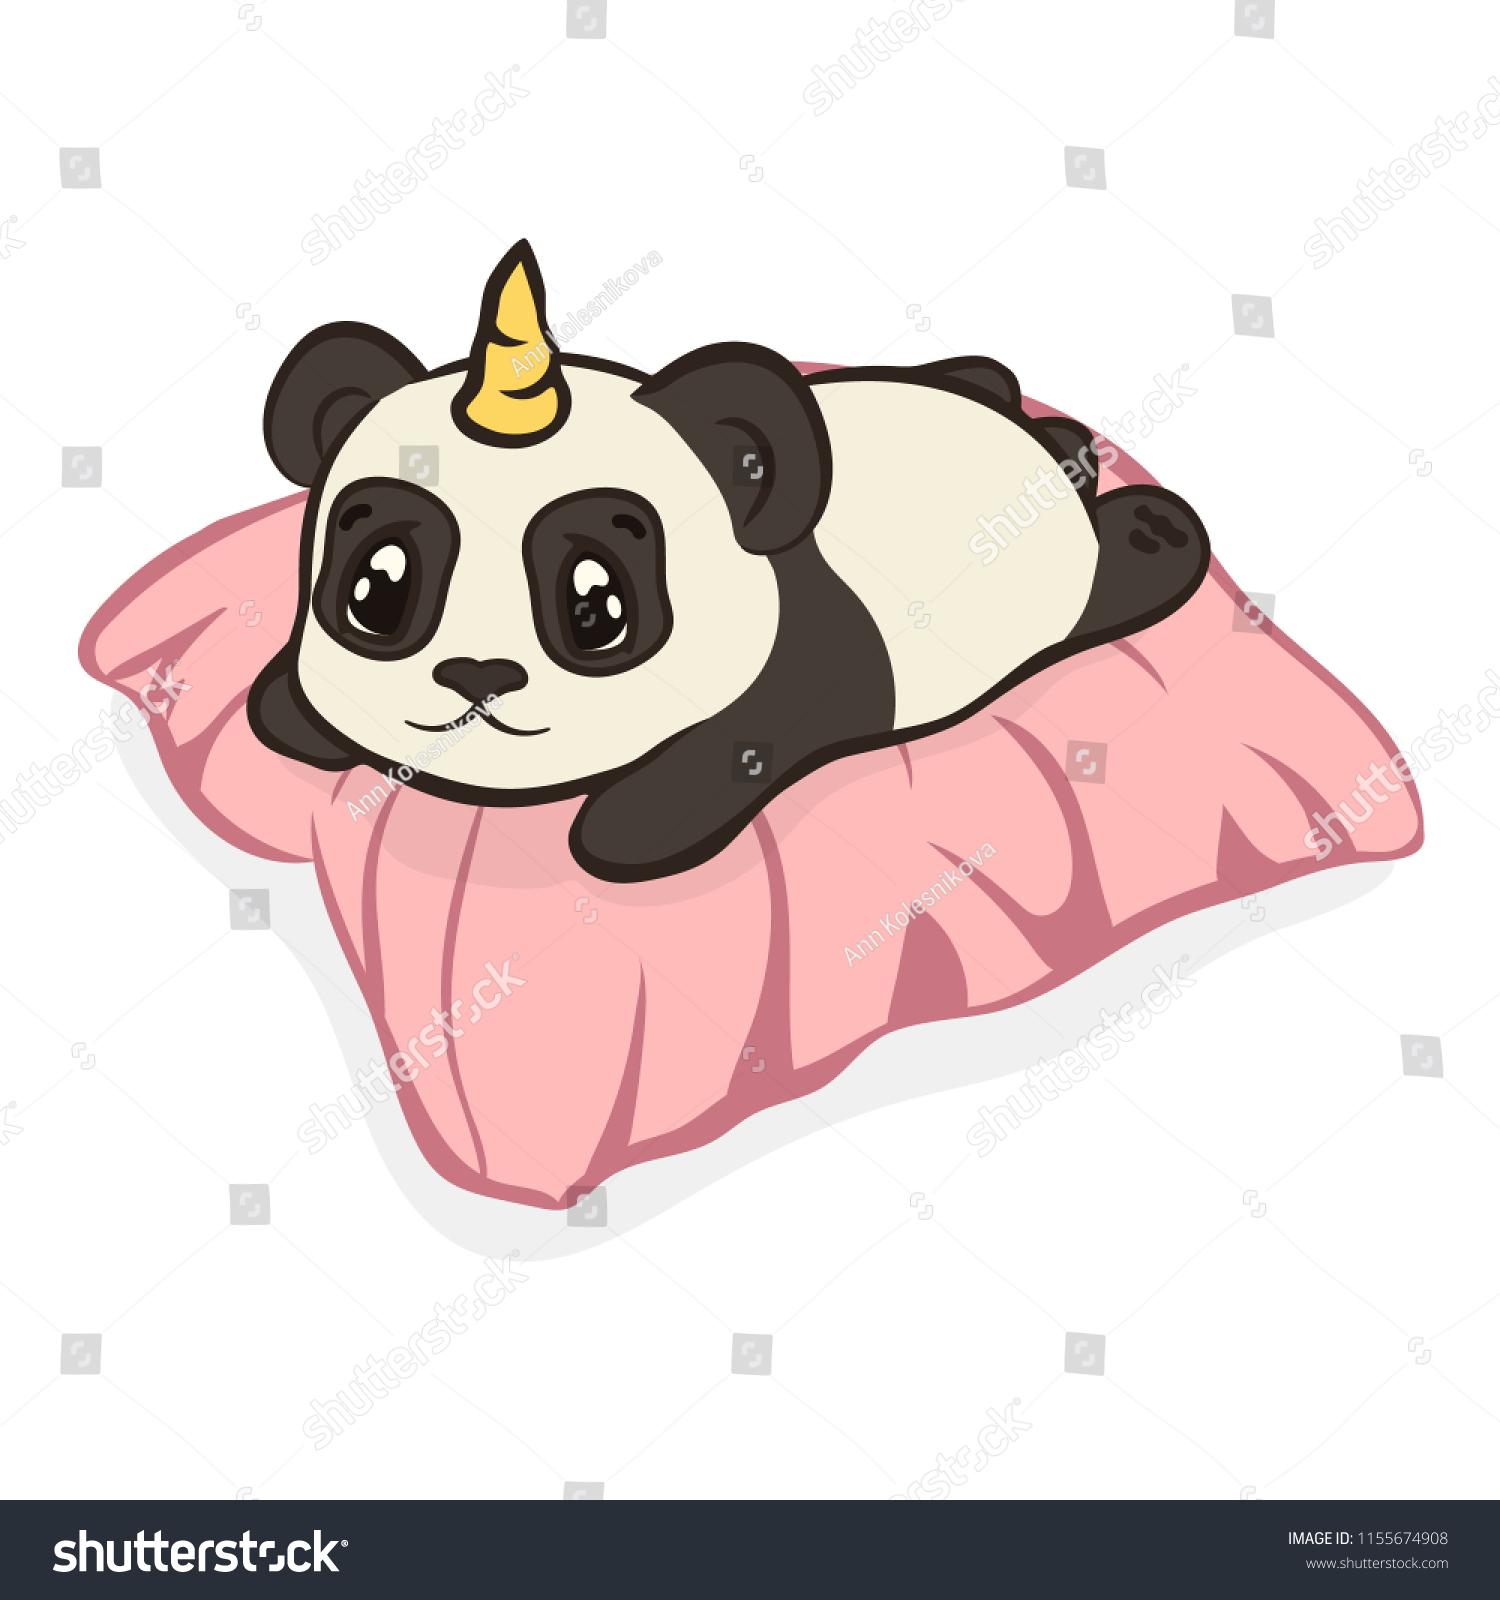 Cute Drawings Pandacorn